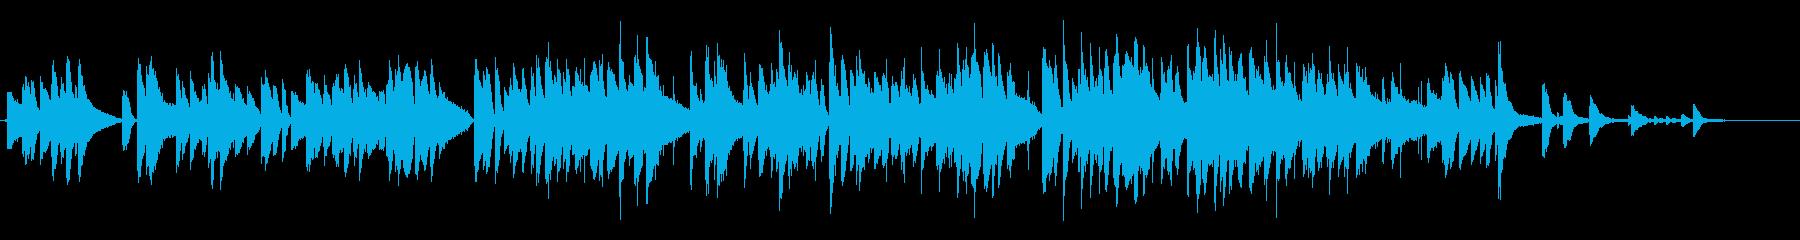 ゆったり しんみり ジャズチックの再生済みの波形